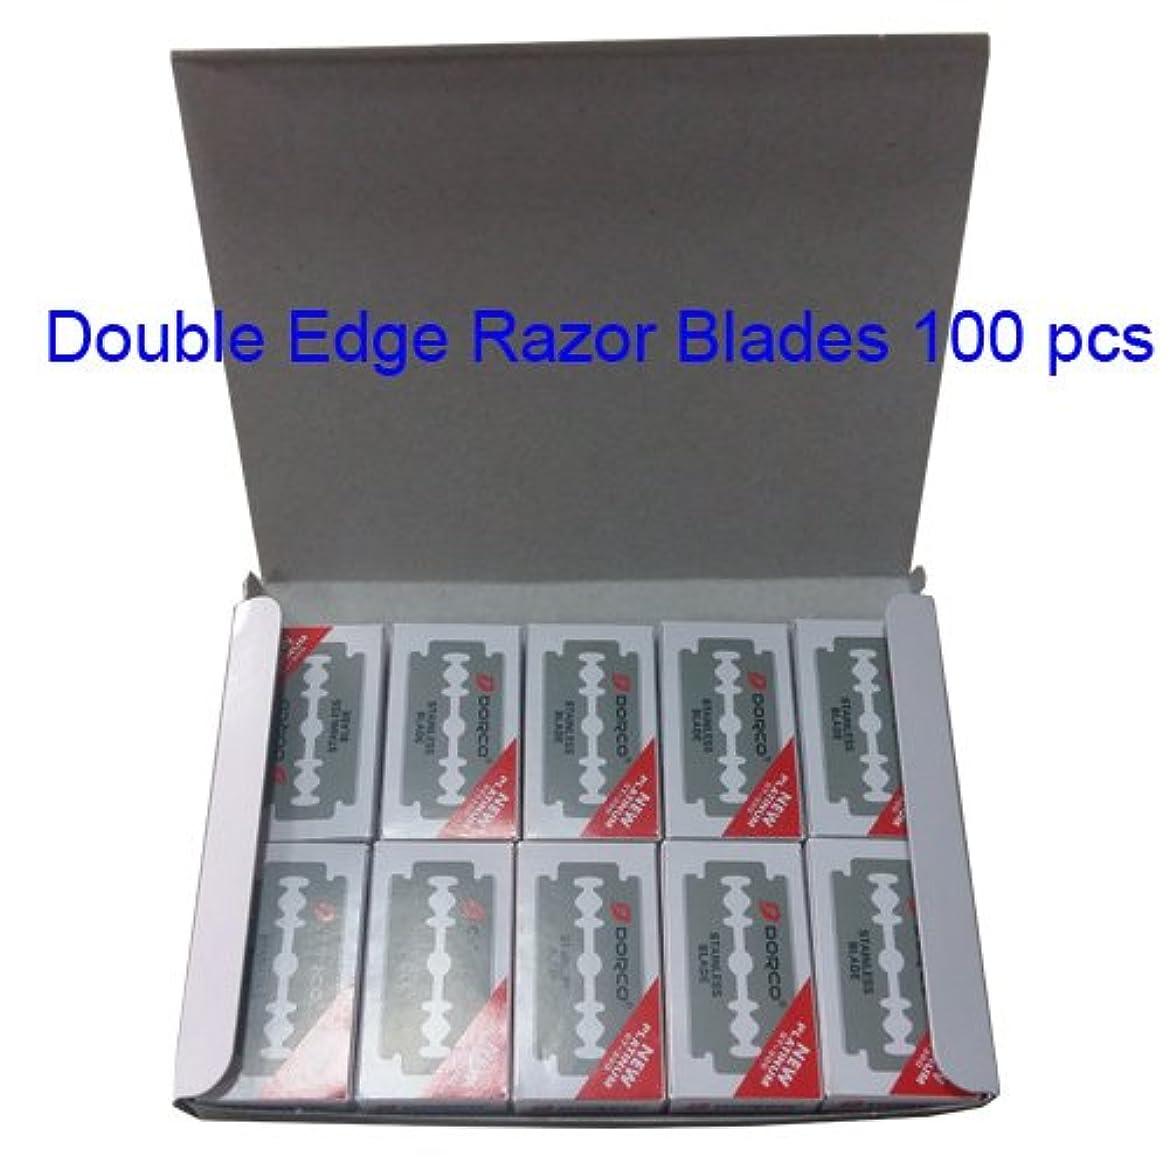 Dorco(ドルコ) ST300 , ステンレス鋼,ダブルエッジカミソリブレード,100個 [並行輸入品]